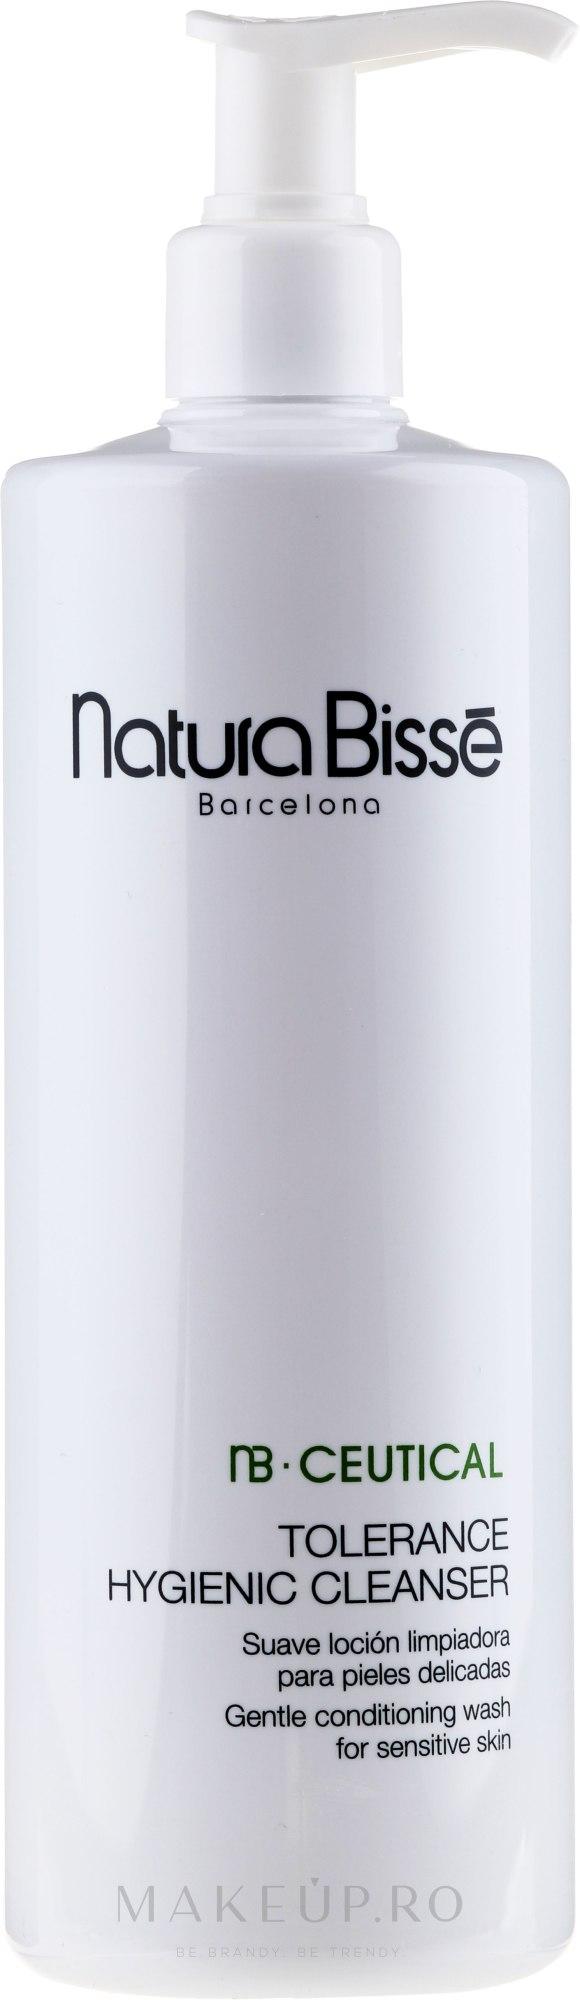 Emulsie de curățare pentru piele sensibilă - Natura Bisse NB Ceutical Tolerance Hygienic Cleanser — Imagine 500 ml